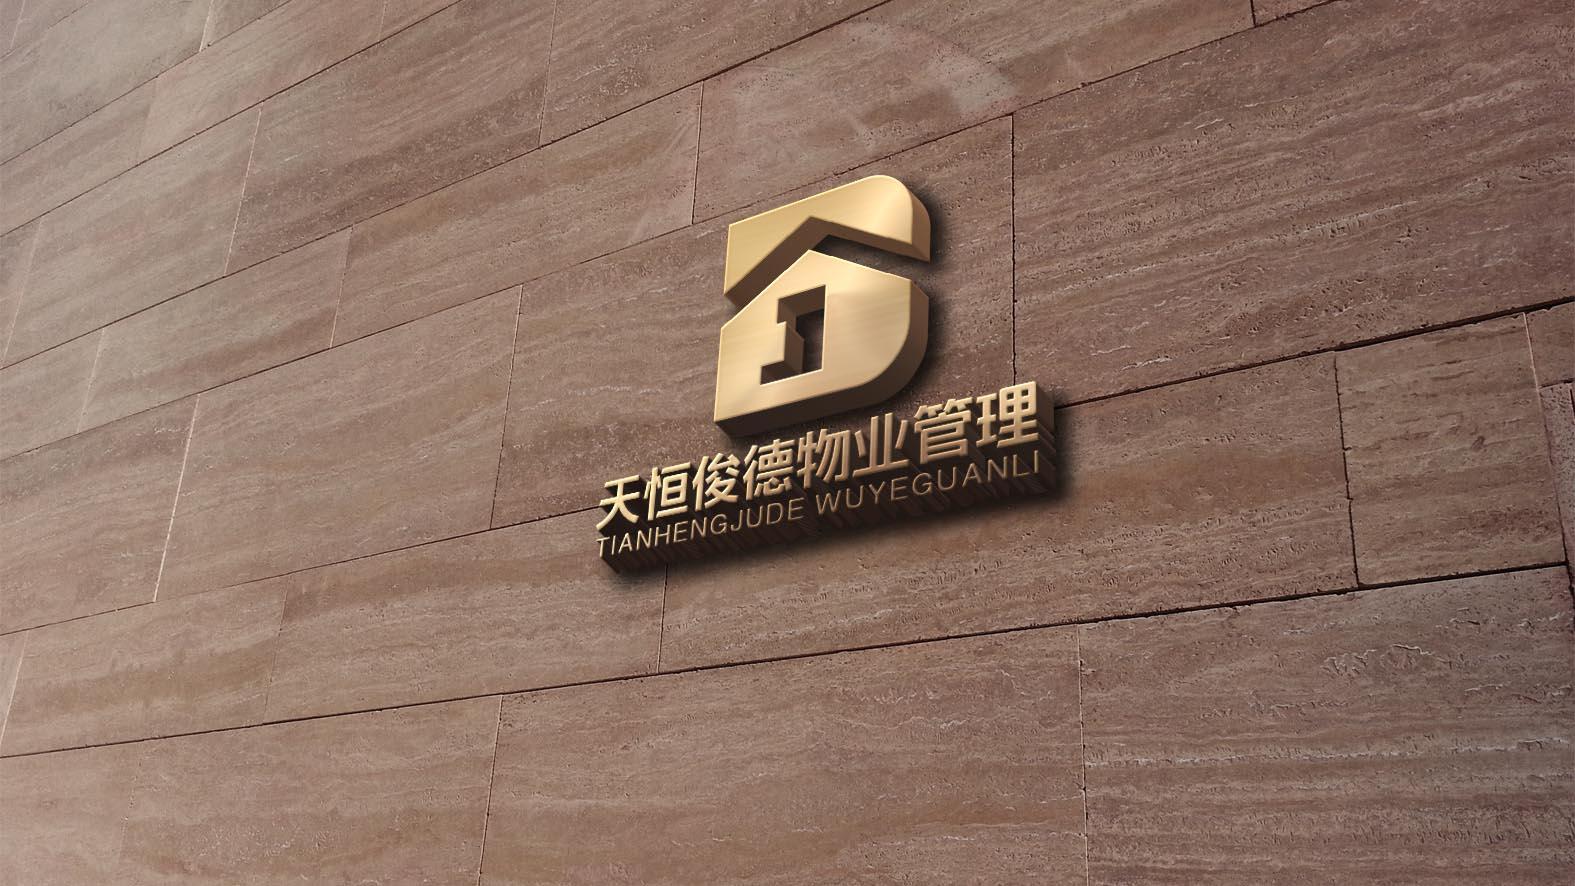 北京天恒俊德物业管理有限公司LOGO_3030257_k68威客网